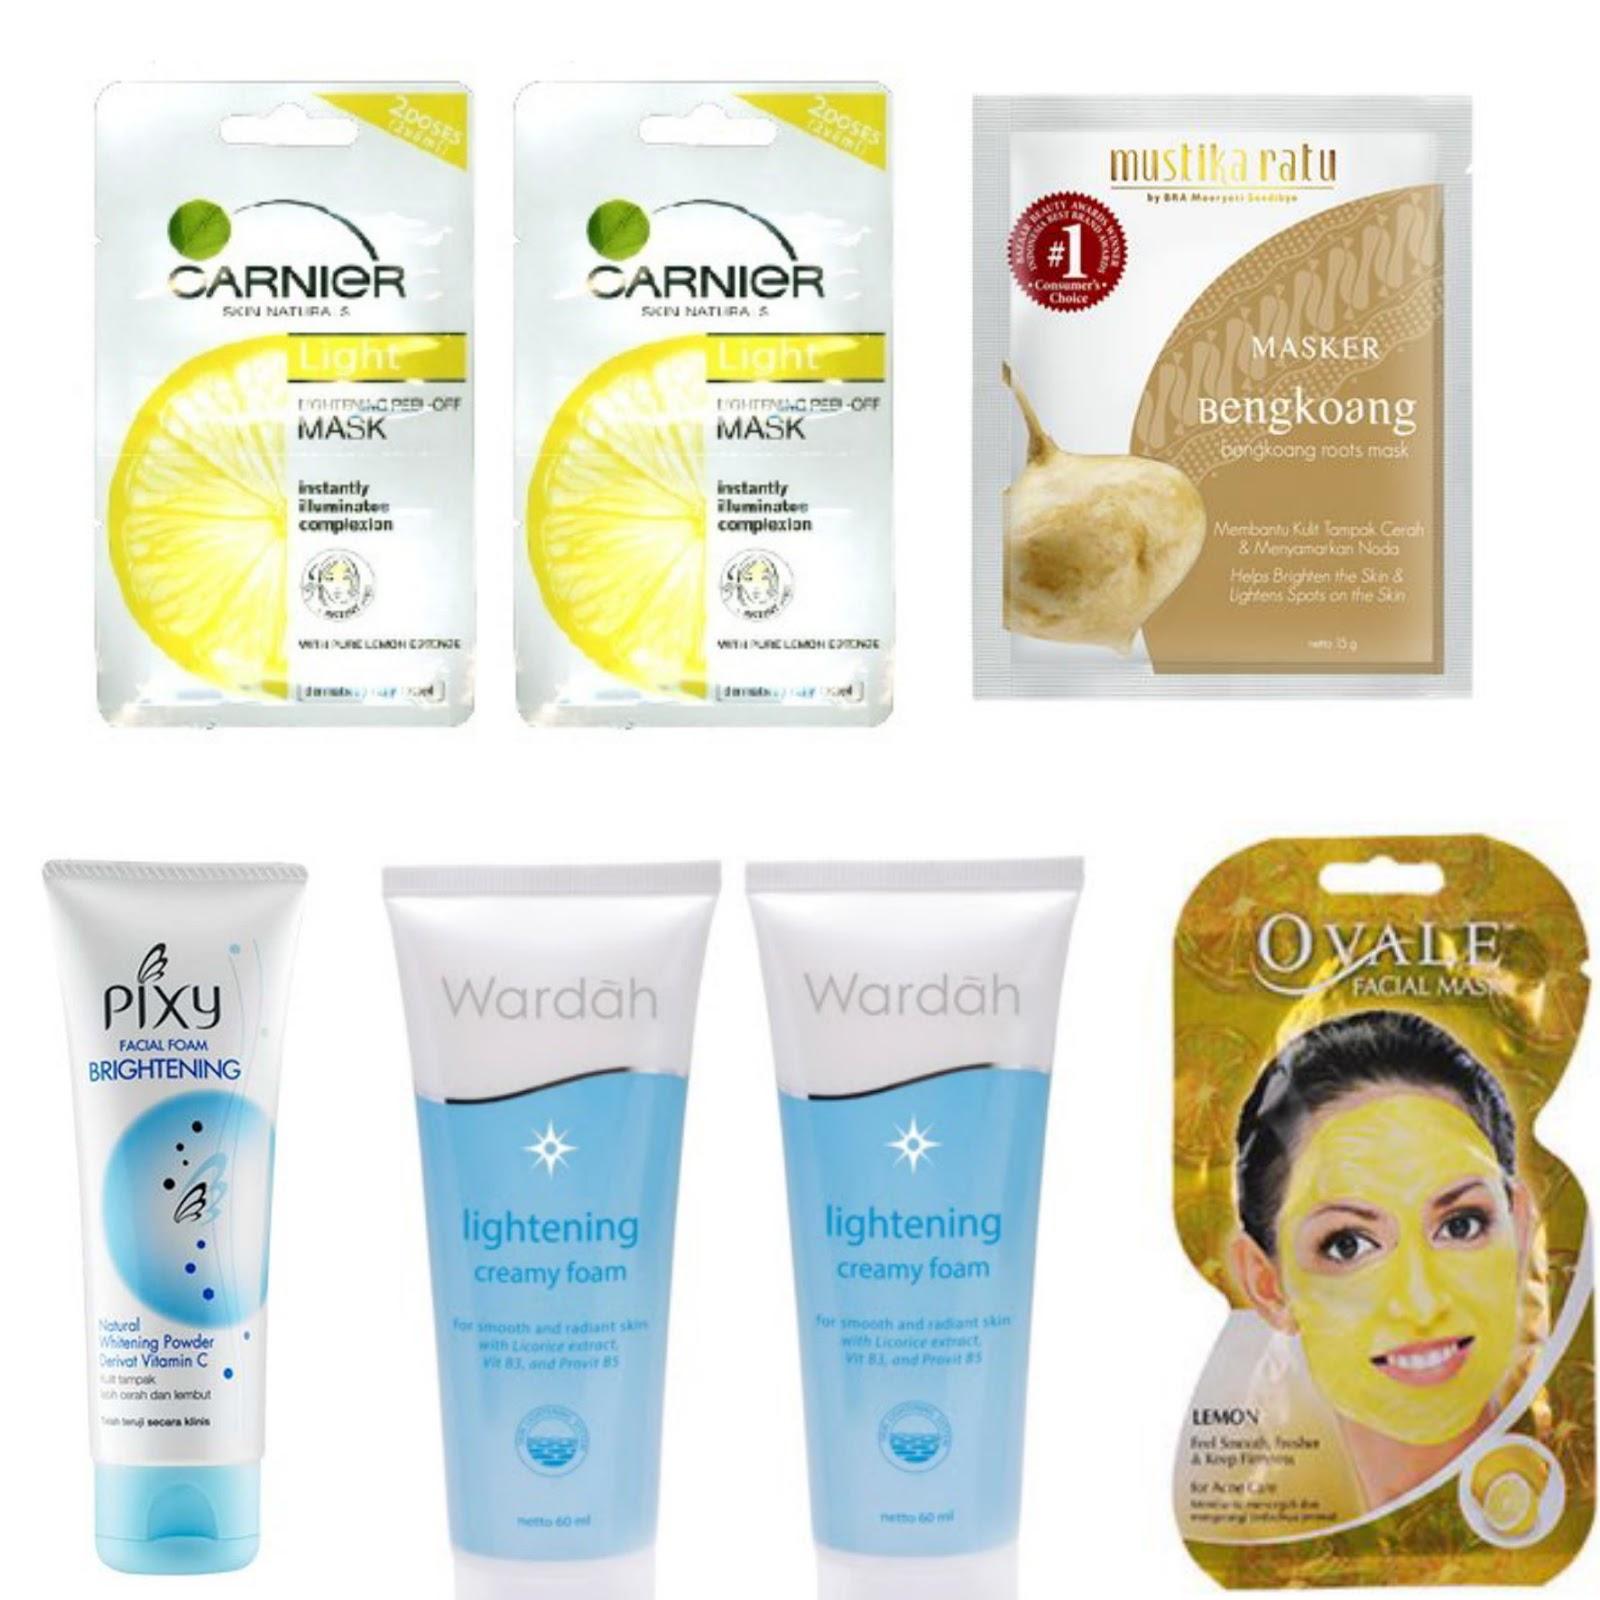 Rekomendasi Merk Masker Wajah Terbagus Untuk Menghilangkan: Krim Pemutih Dan Masker Wajah Di Indomaret Yang Bagus